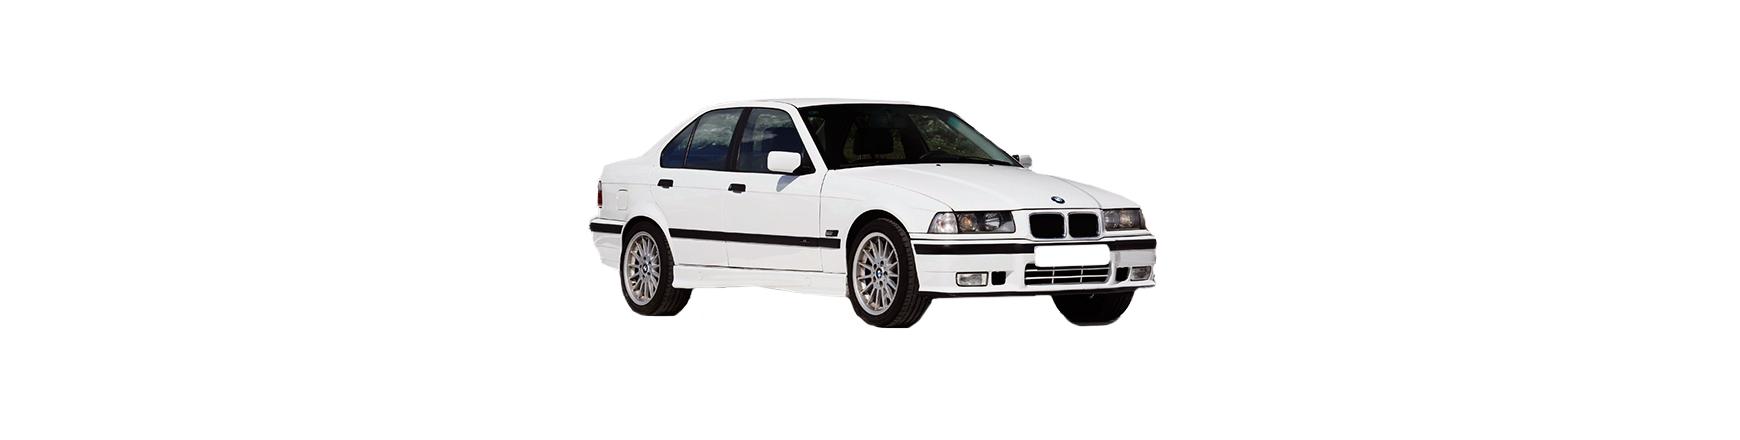 bmw serie 3 e36 de 1990 1991 1992 1993 1994 1995 1996 1997 1998